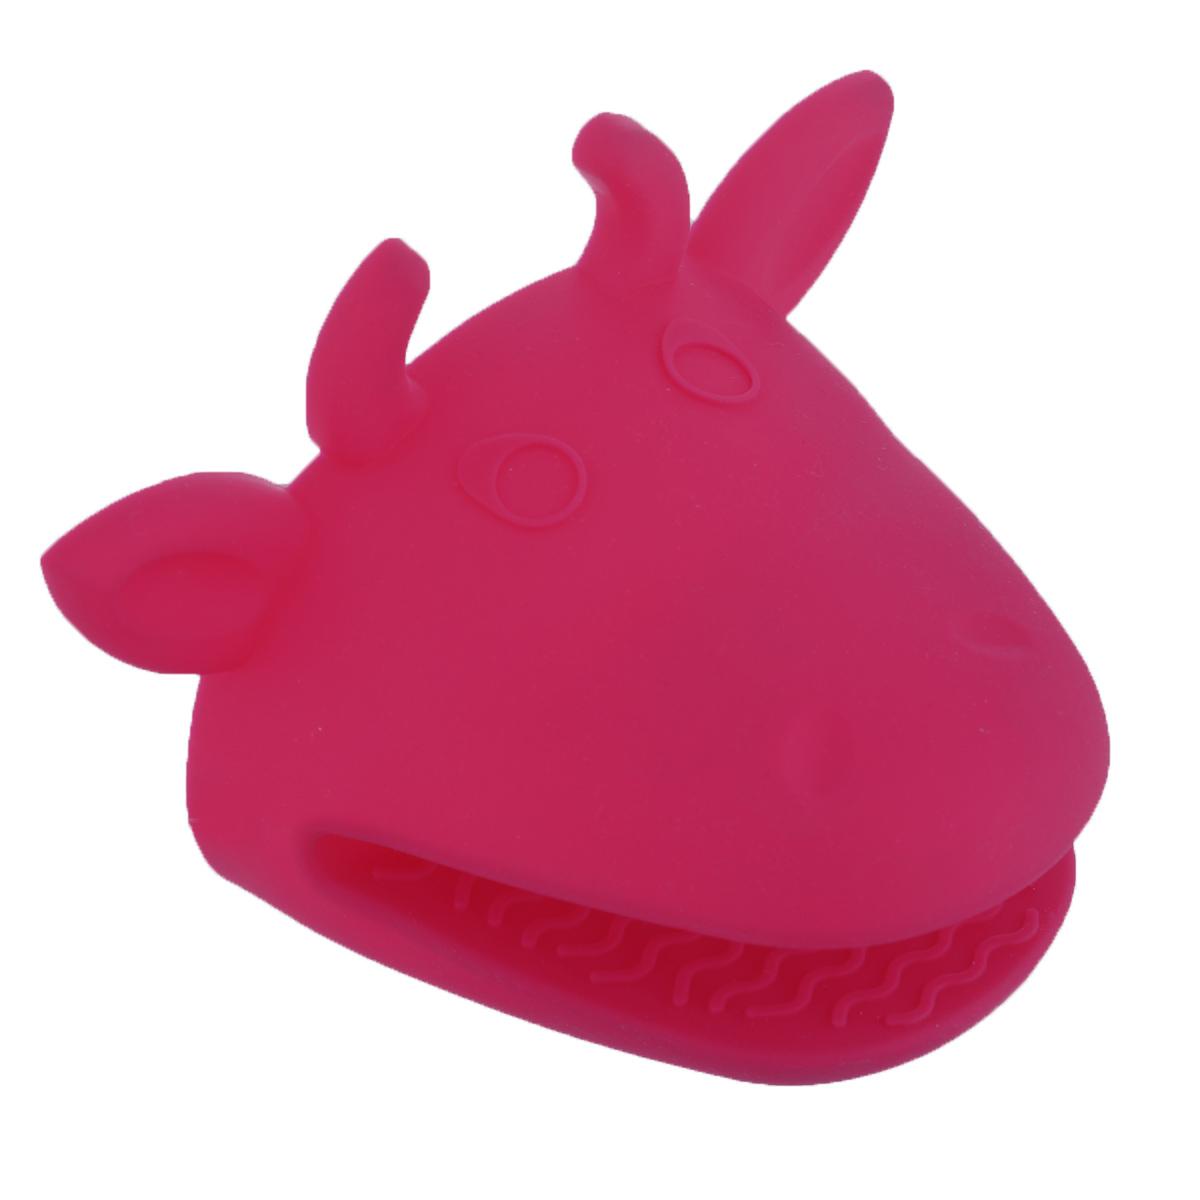 Прихватка Marmiton Корова, силиконовая, цвет: розовый202603-200Силиконовая прихватка Marmiton Корова, выполненная в виде забавной коровы, позволяет защитить ладонь и пальцы от нежелательного воздействия высоких температур. Ребристая поверхность предотвращает скольжение. Размер: 15 см x 10 см x 11 см.